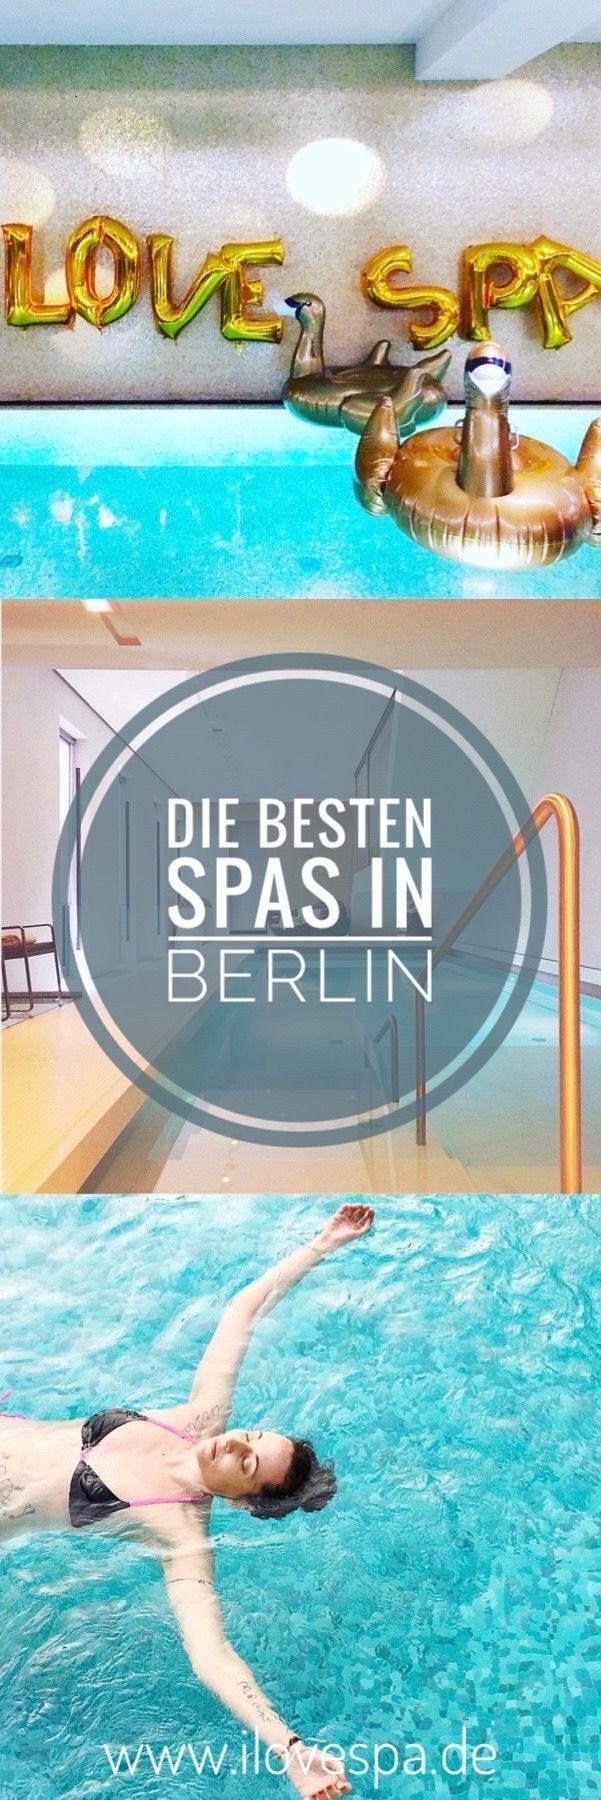 ღღ Spa & Wellness in Berlin - die besten Spas in Berlin